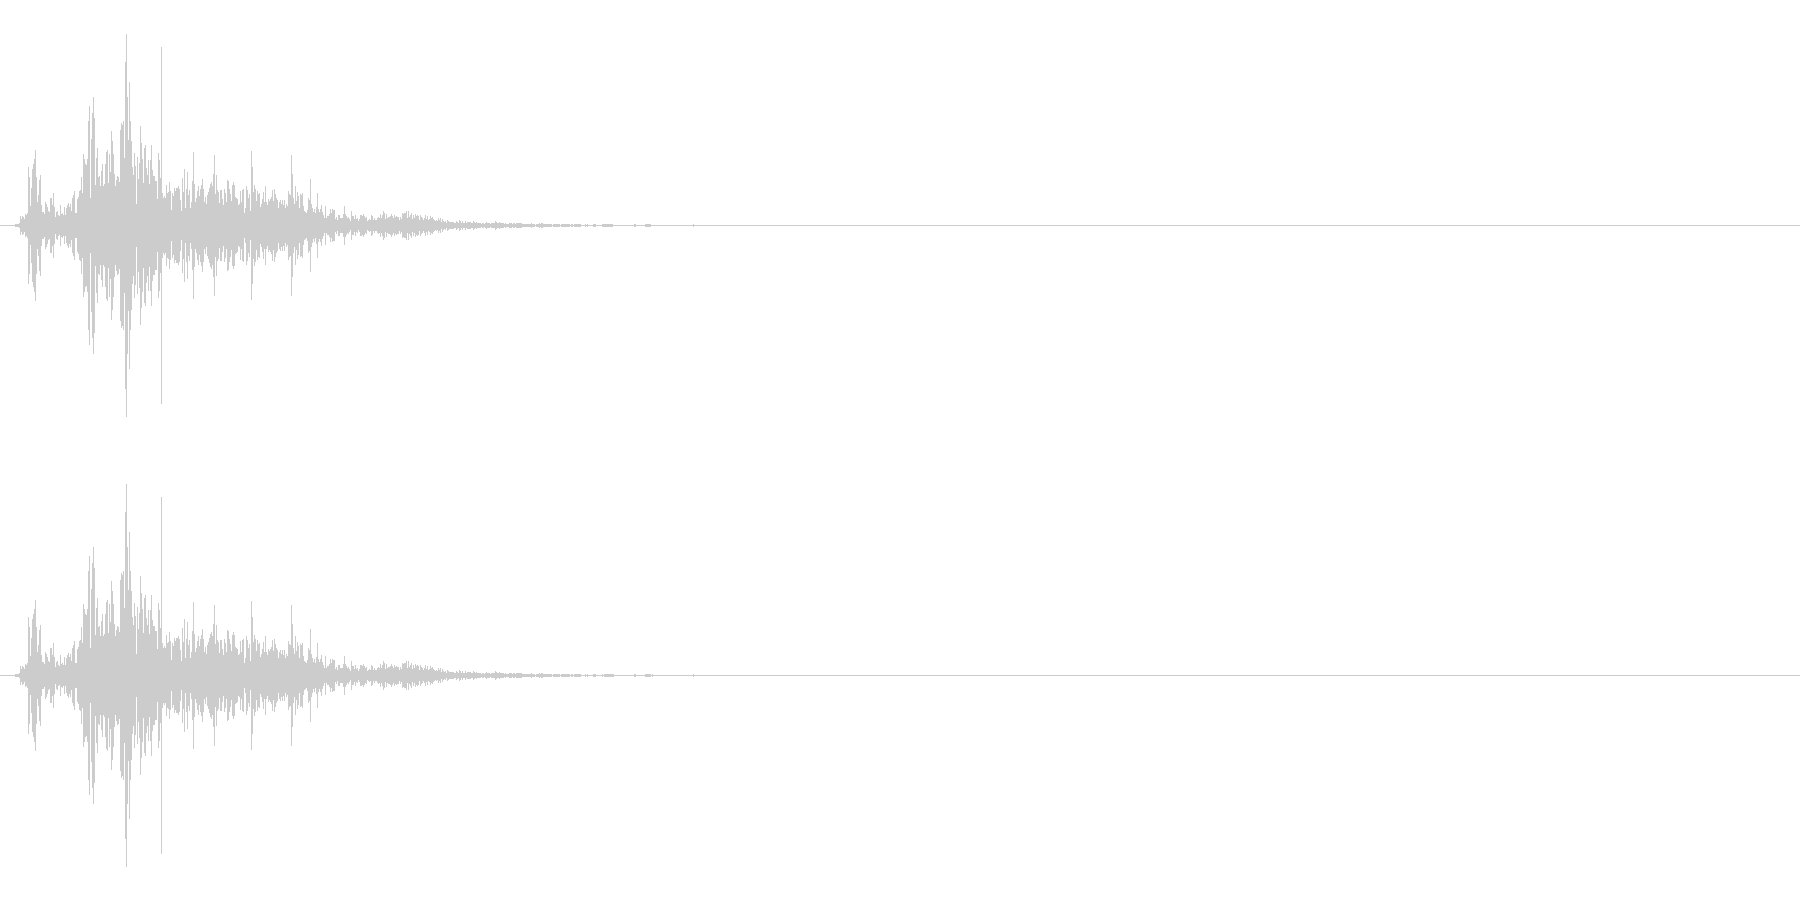 ドサッ(人が倒れる音)05の未再生の波形